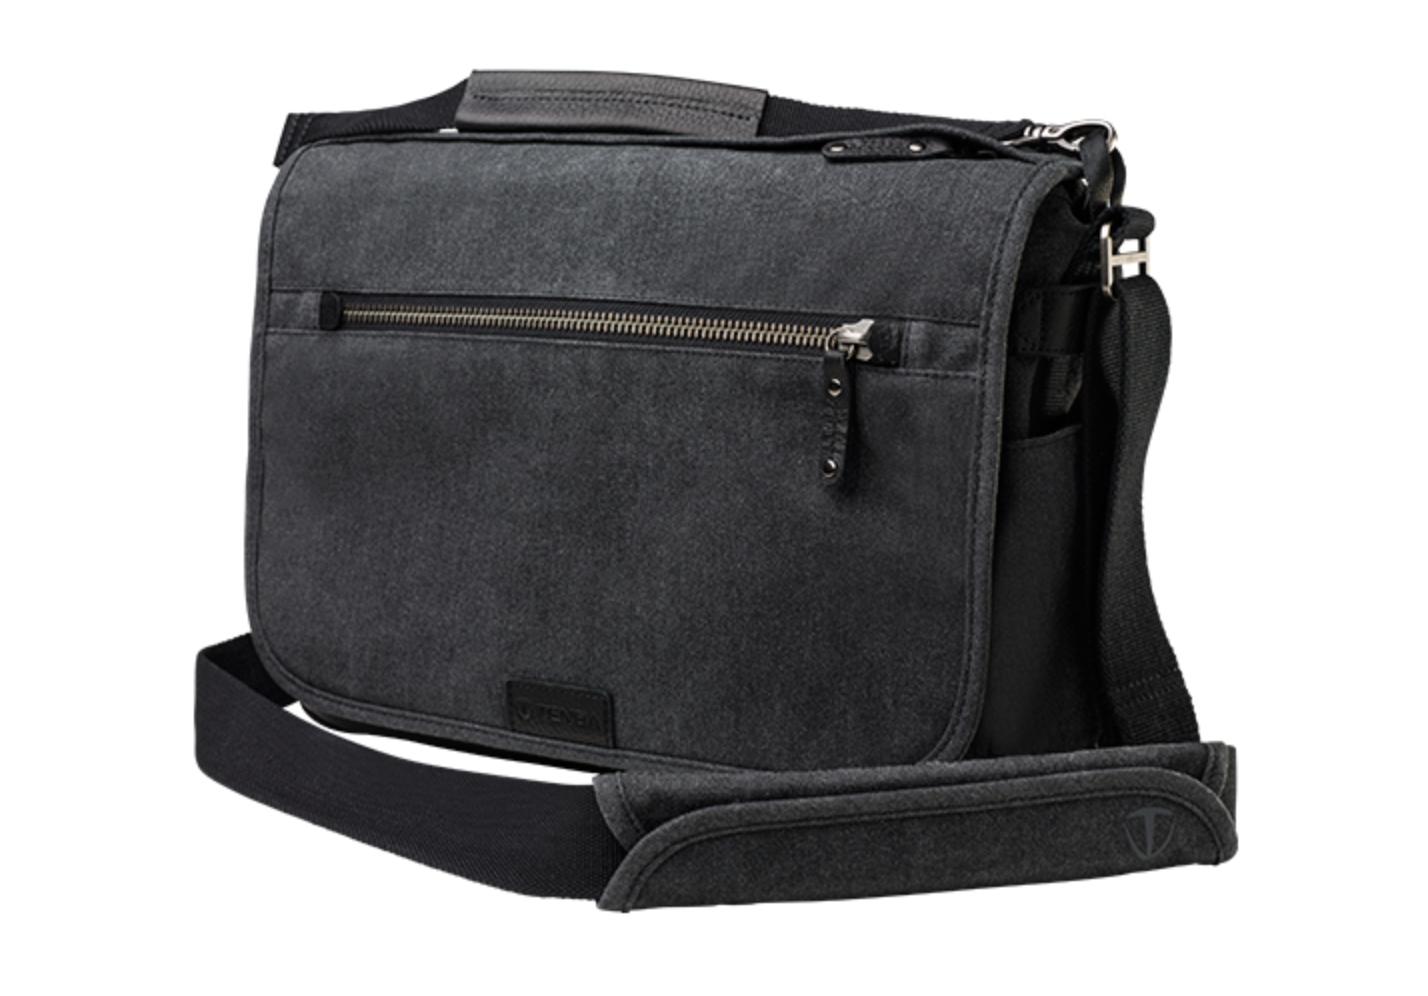 http://thedigitalstory.com/2015/11/02/tenba-shoulder-bag.png